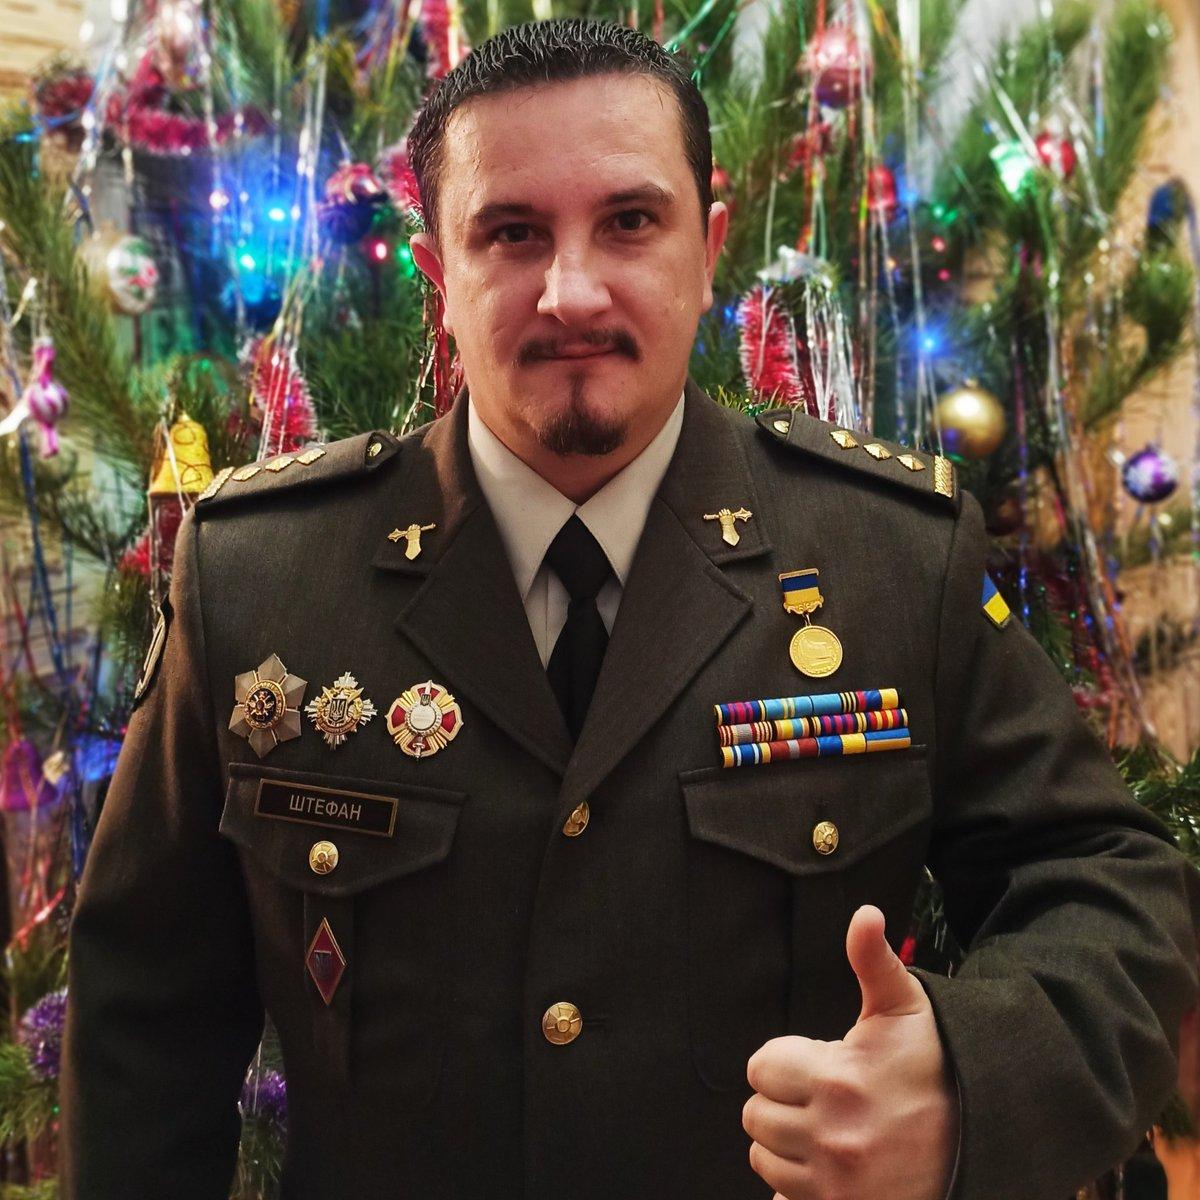 Враг за сутки 5 раз обстреливал позиции украинских воинов на Донбассе, потерь нет, - штаб ОС - Цензор.НЕТ 8466